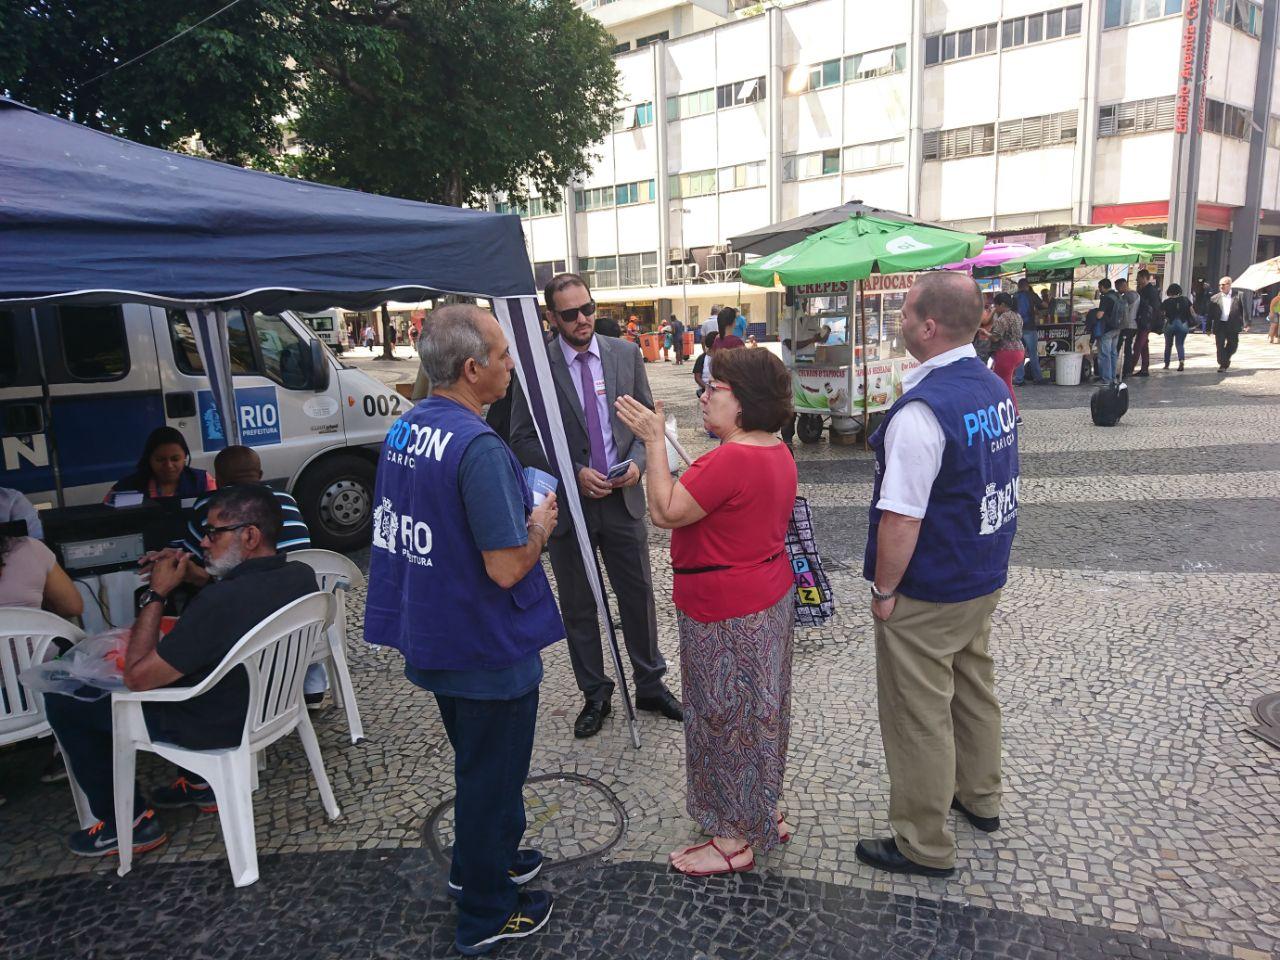 Procons Carioca, Estadual e OAB fazem ação conjunta